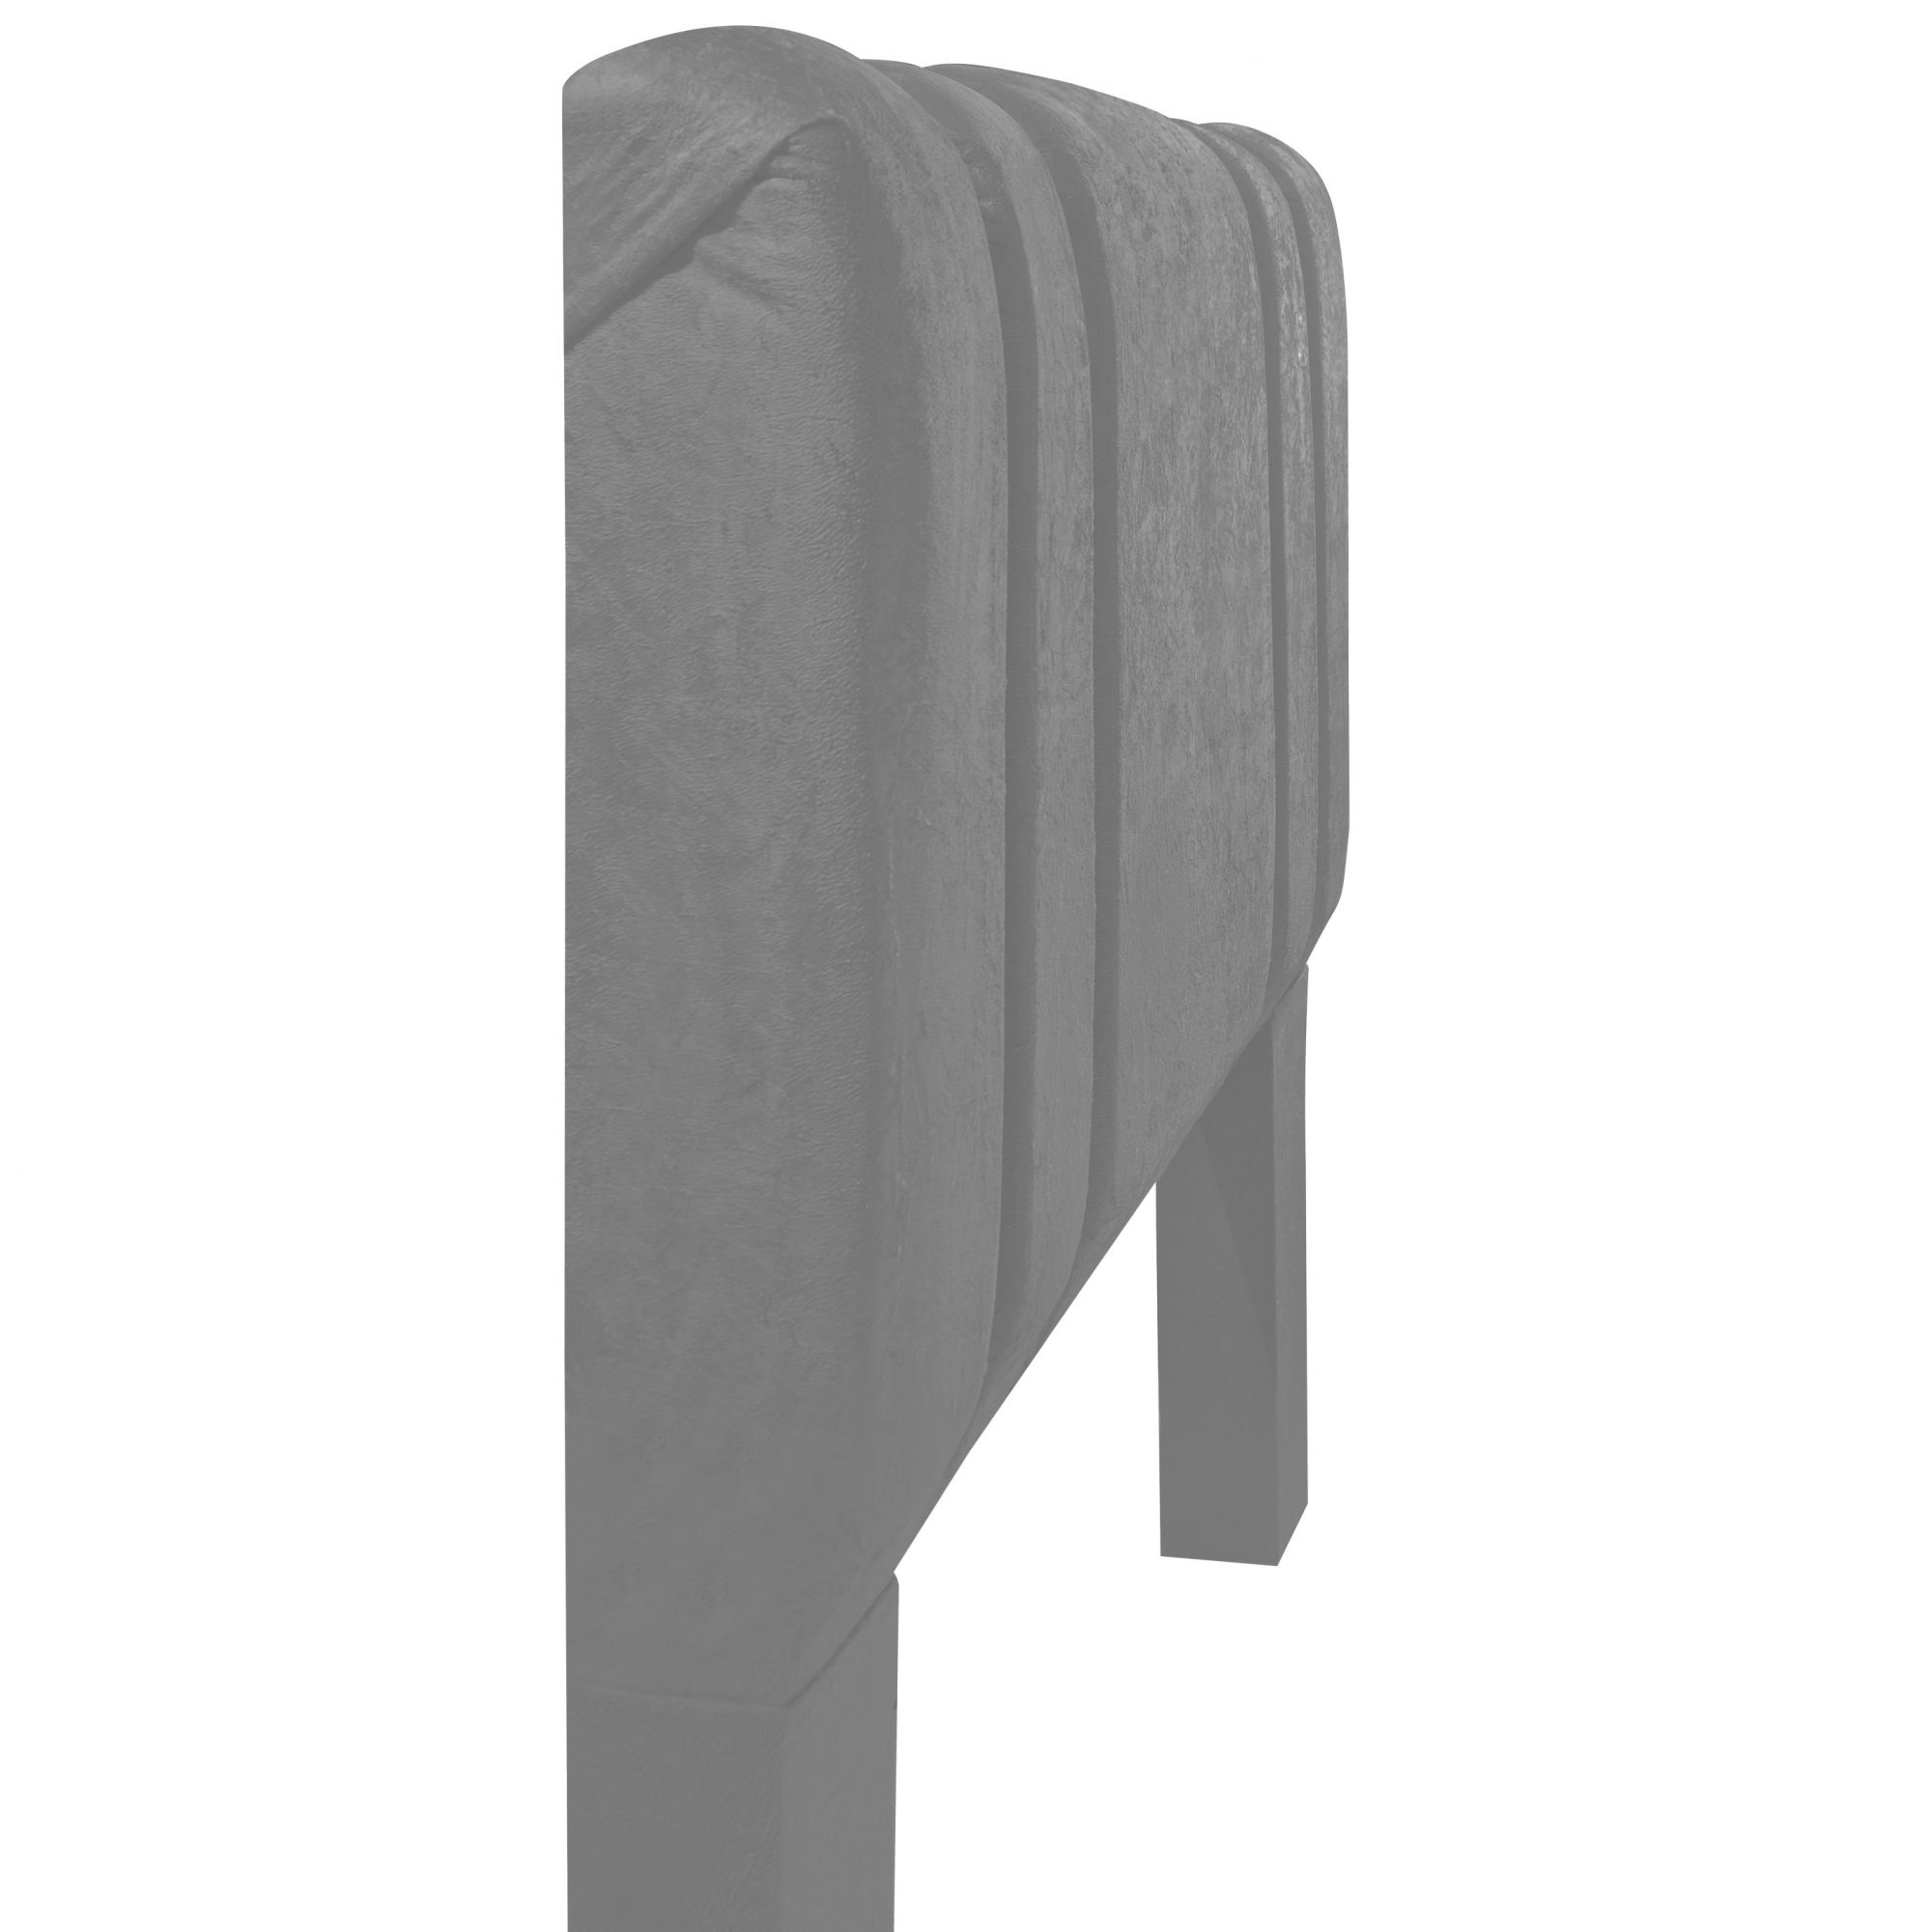 Cabeceira Box Solteiro Siena 0.90 Suede Marrom - R.A Estofados